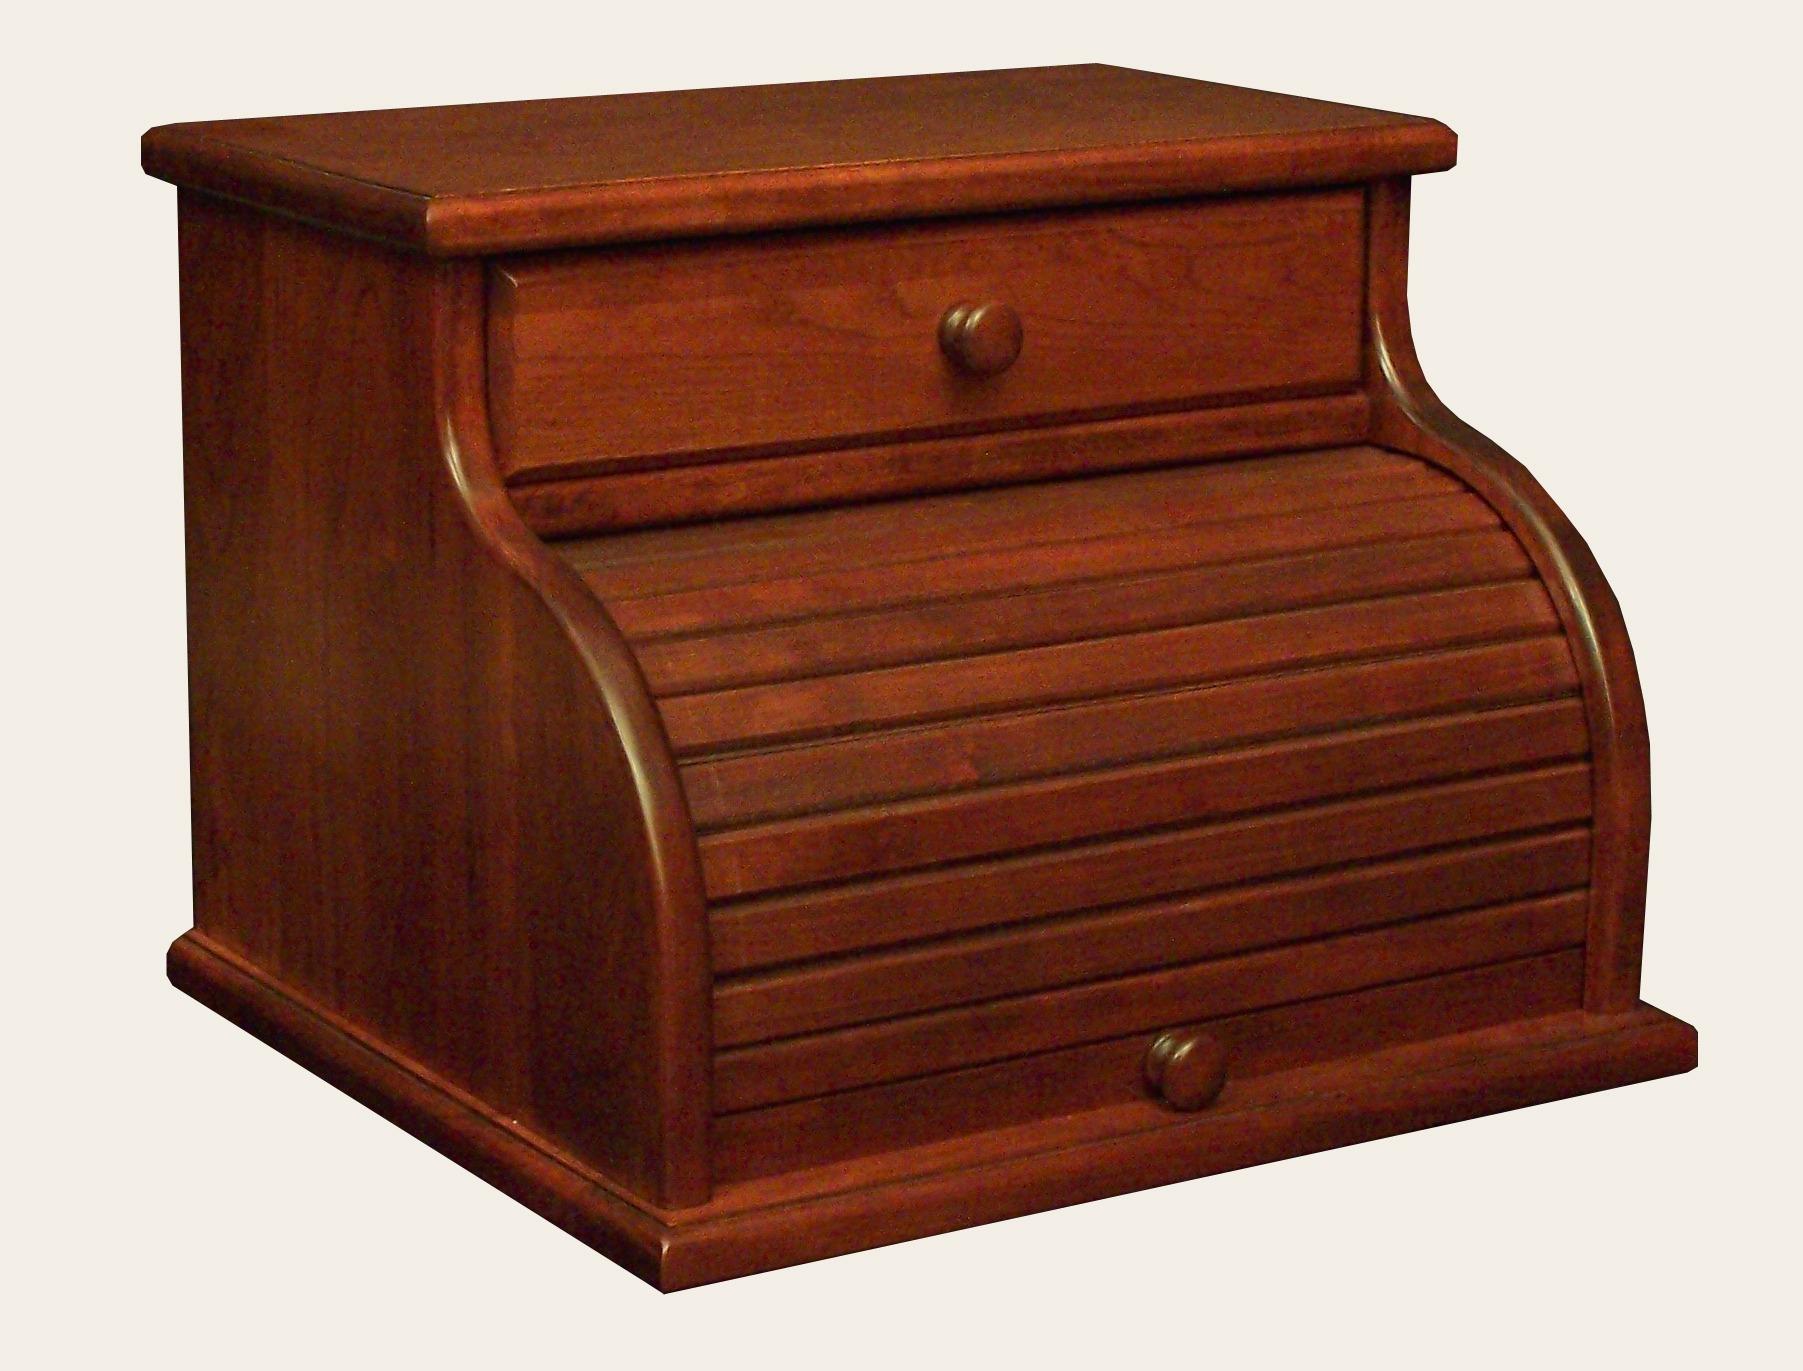 B180708 Breadbox